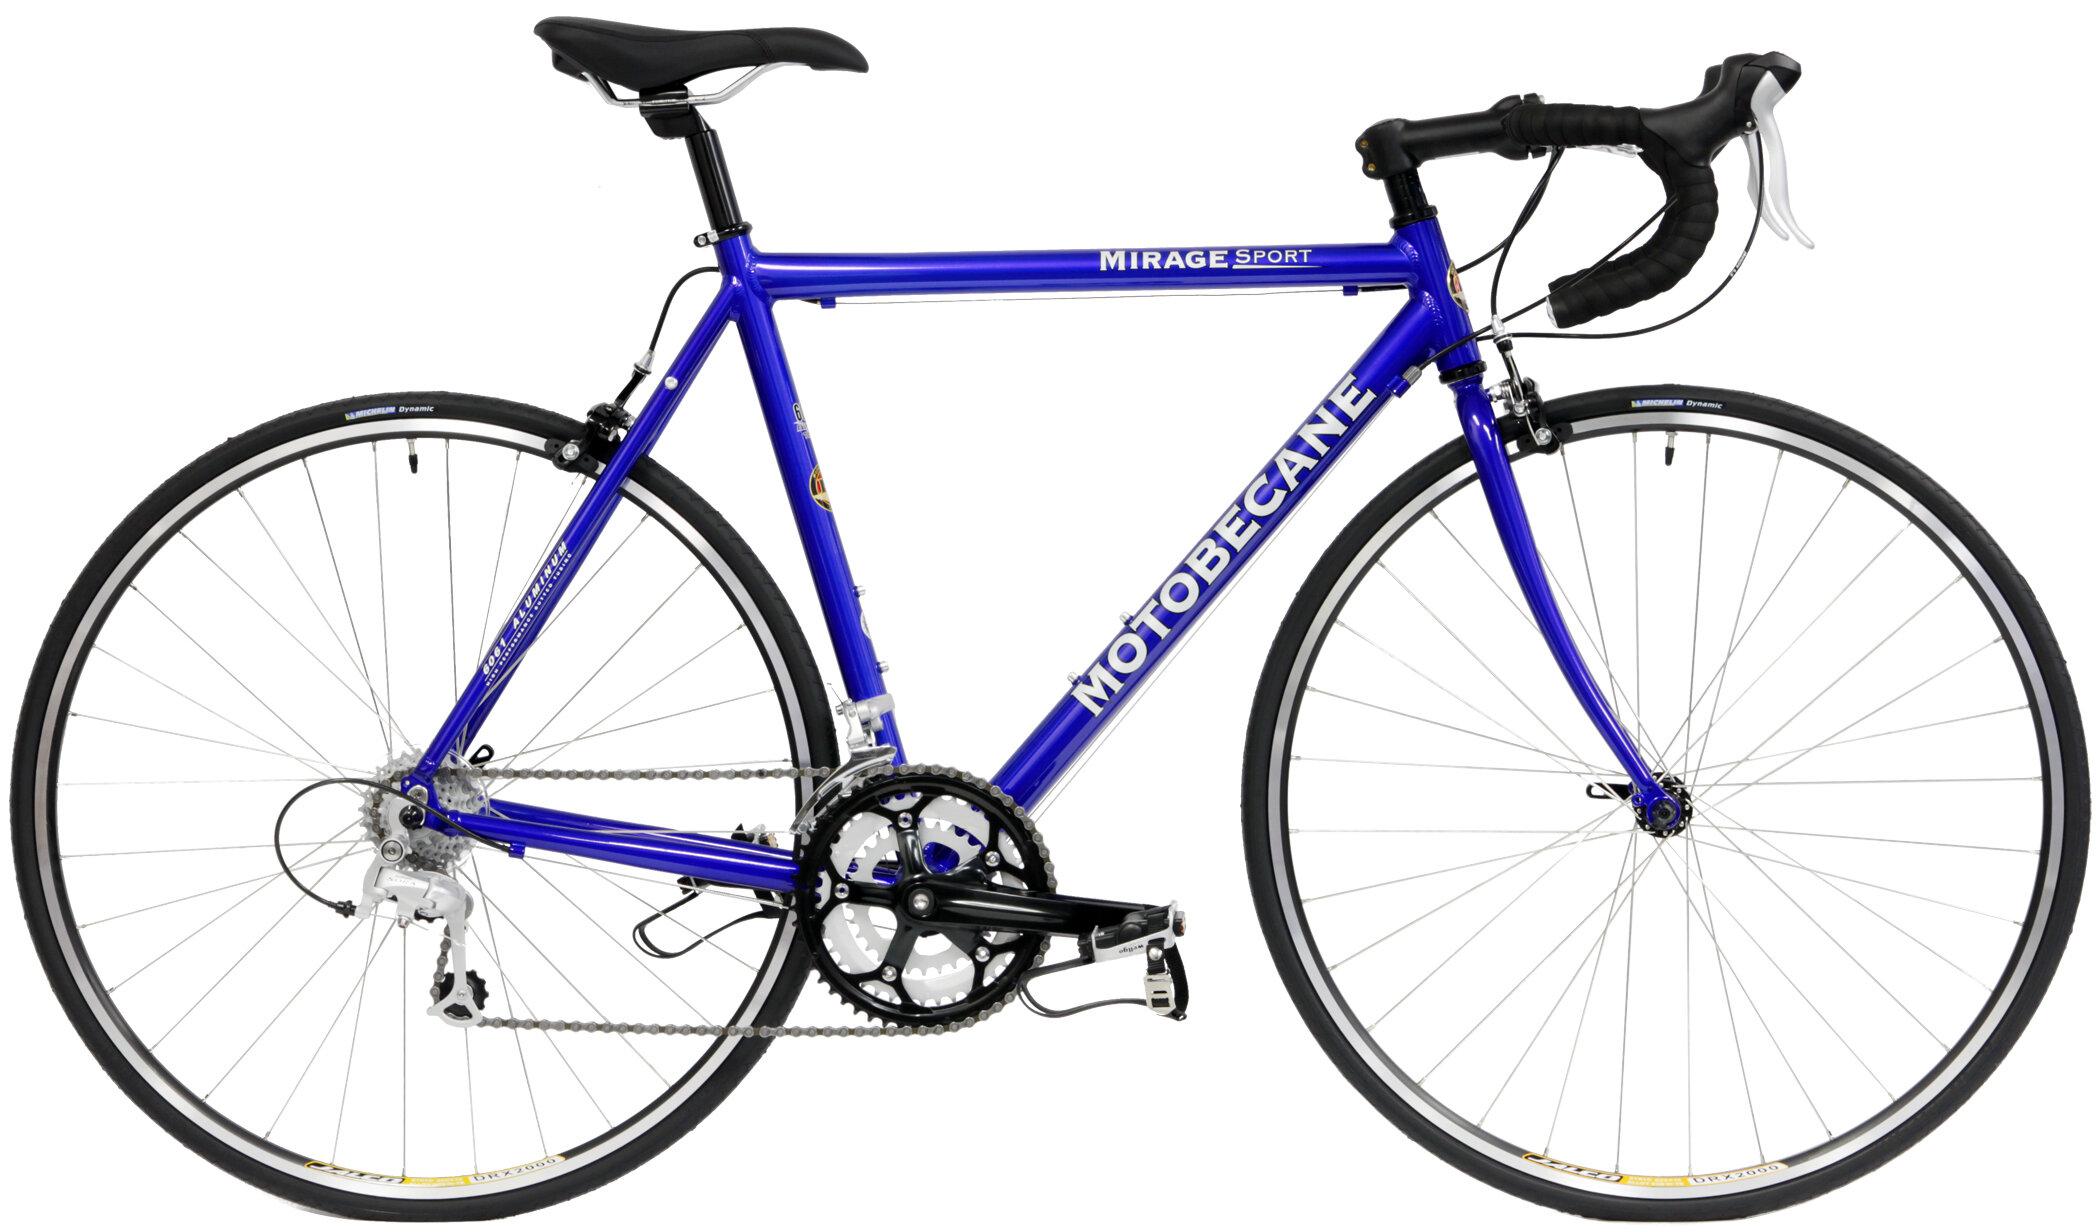 Cách sửa những vấn đề thường gặp ở xe đạp